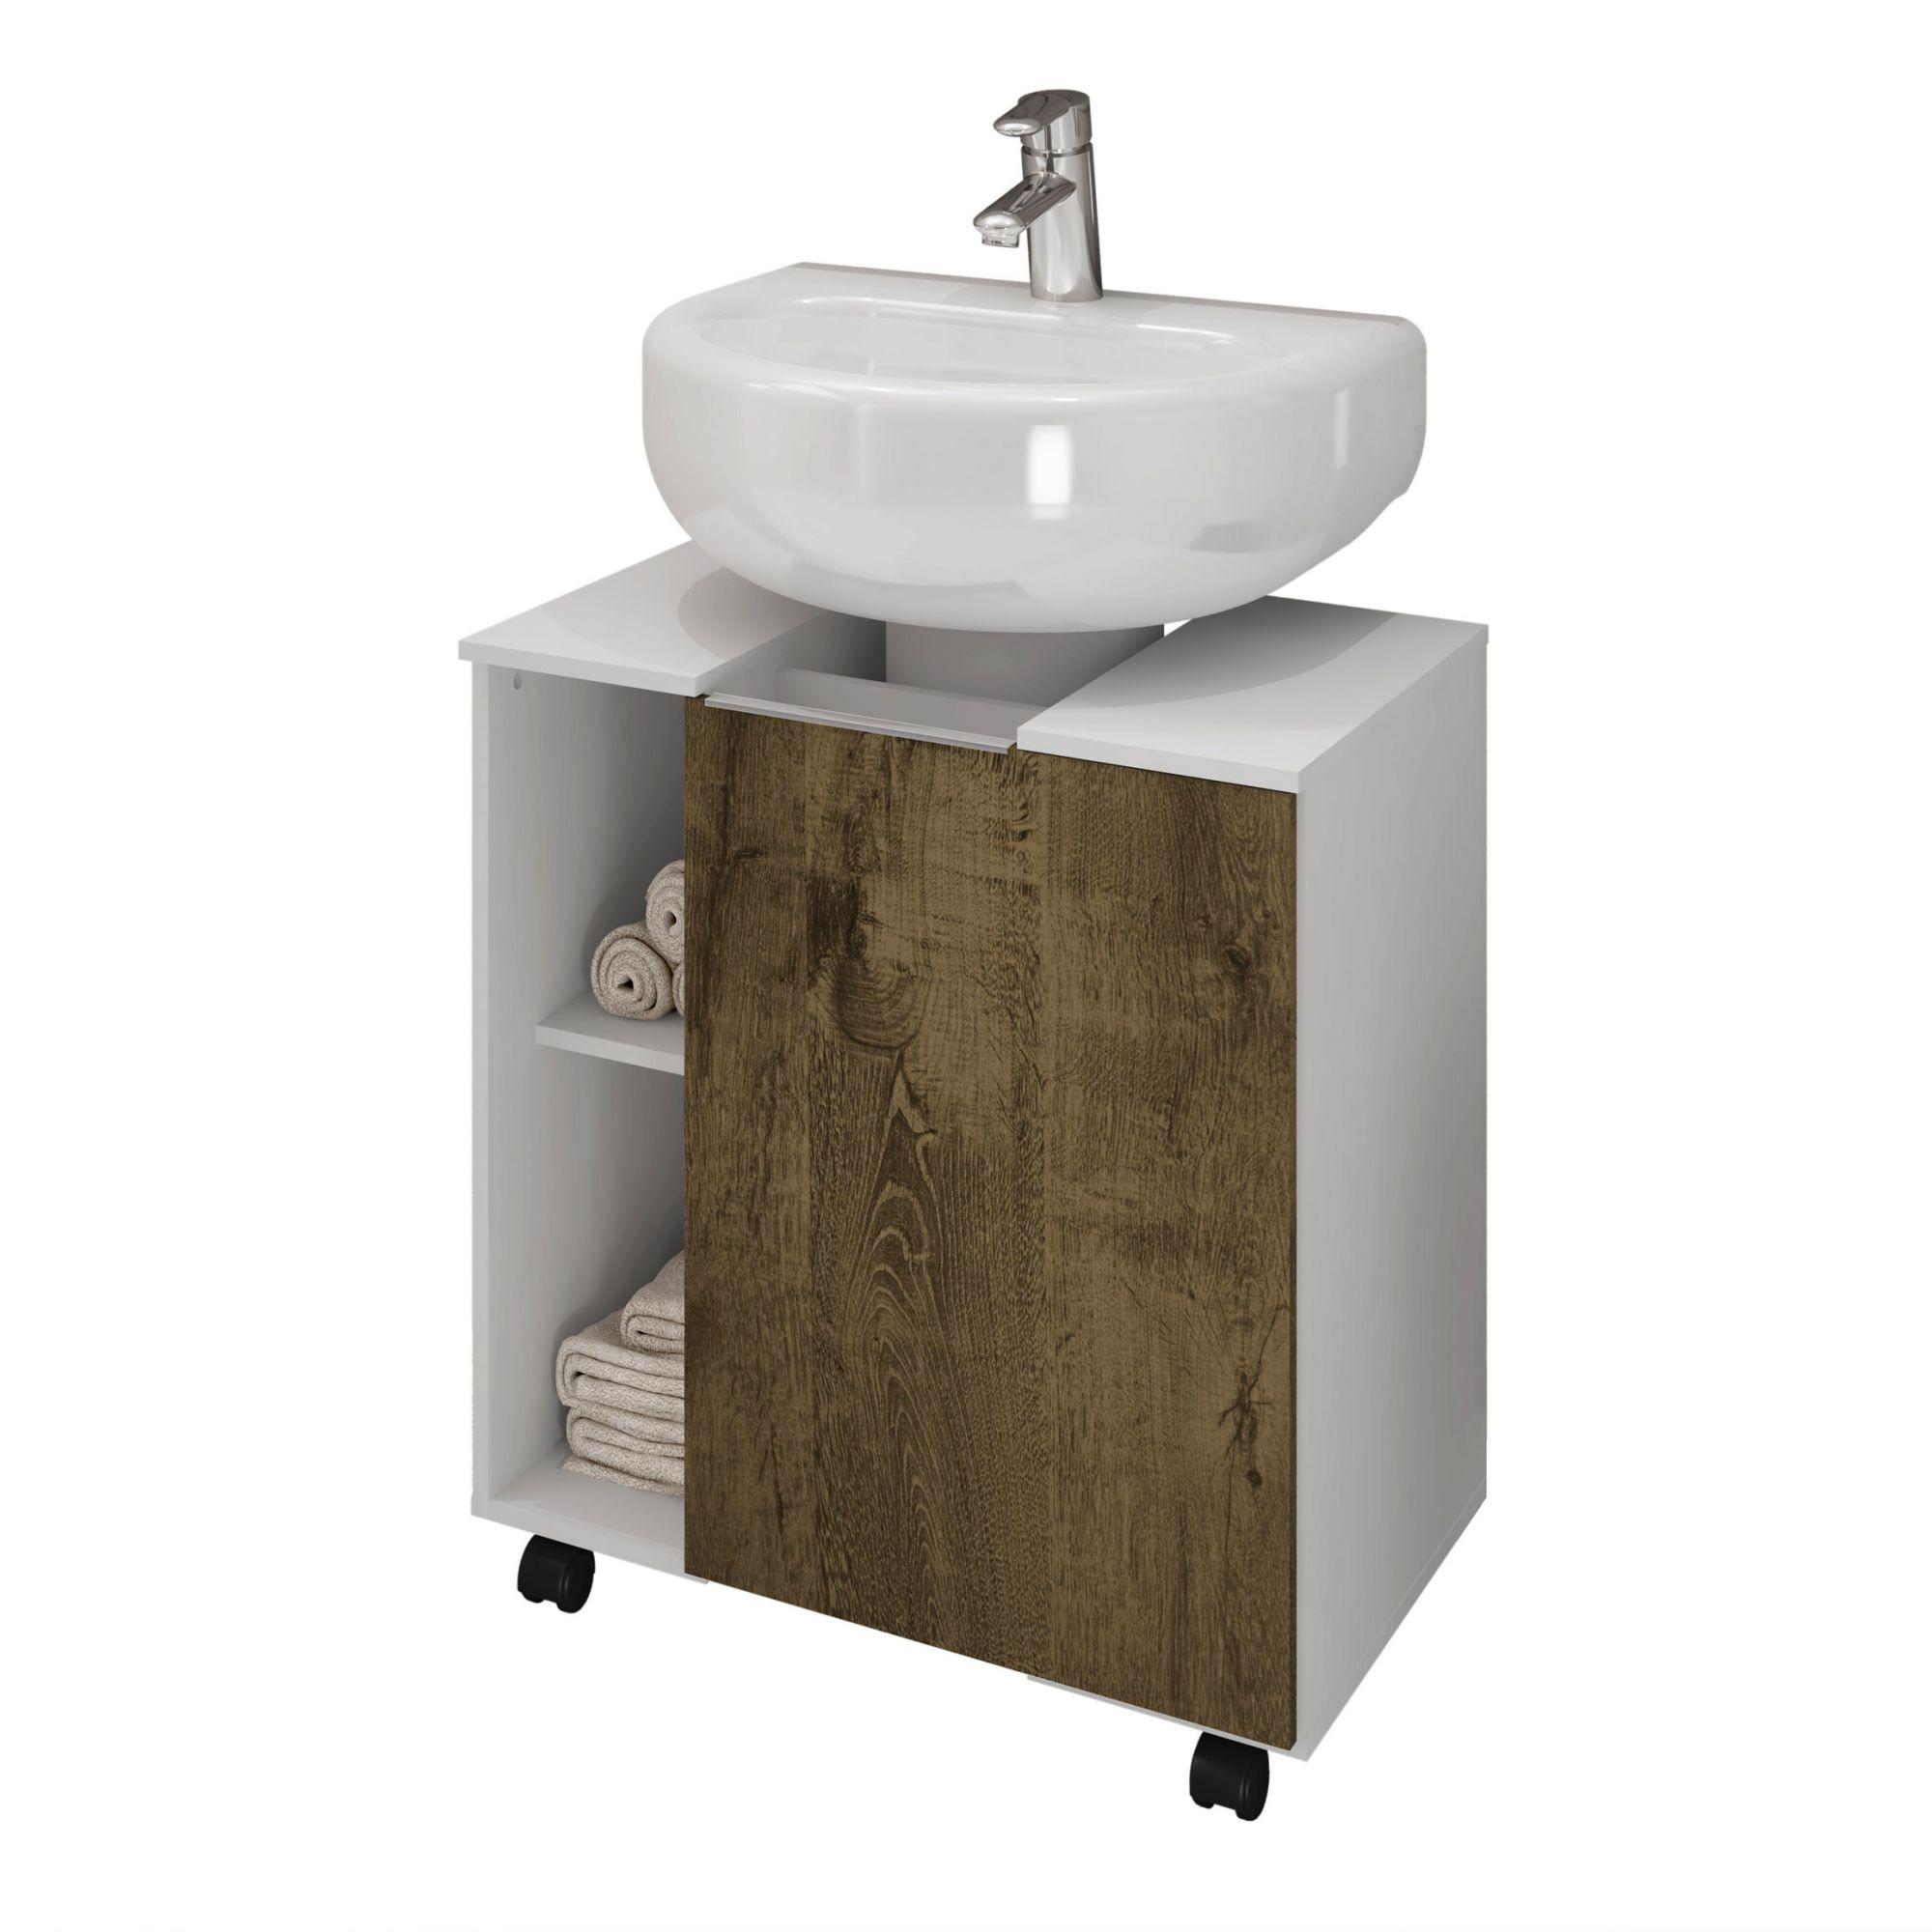 Gabinete para Banheiro Pequin Branco / Madeira Rústica - Móveis Bechara